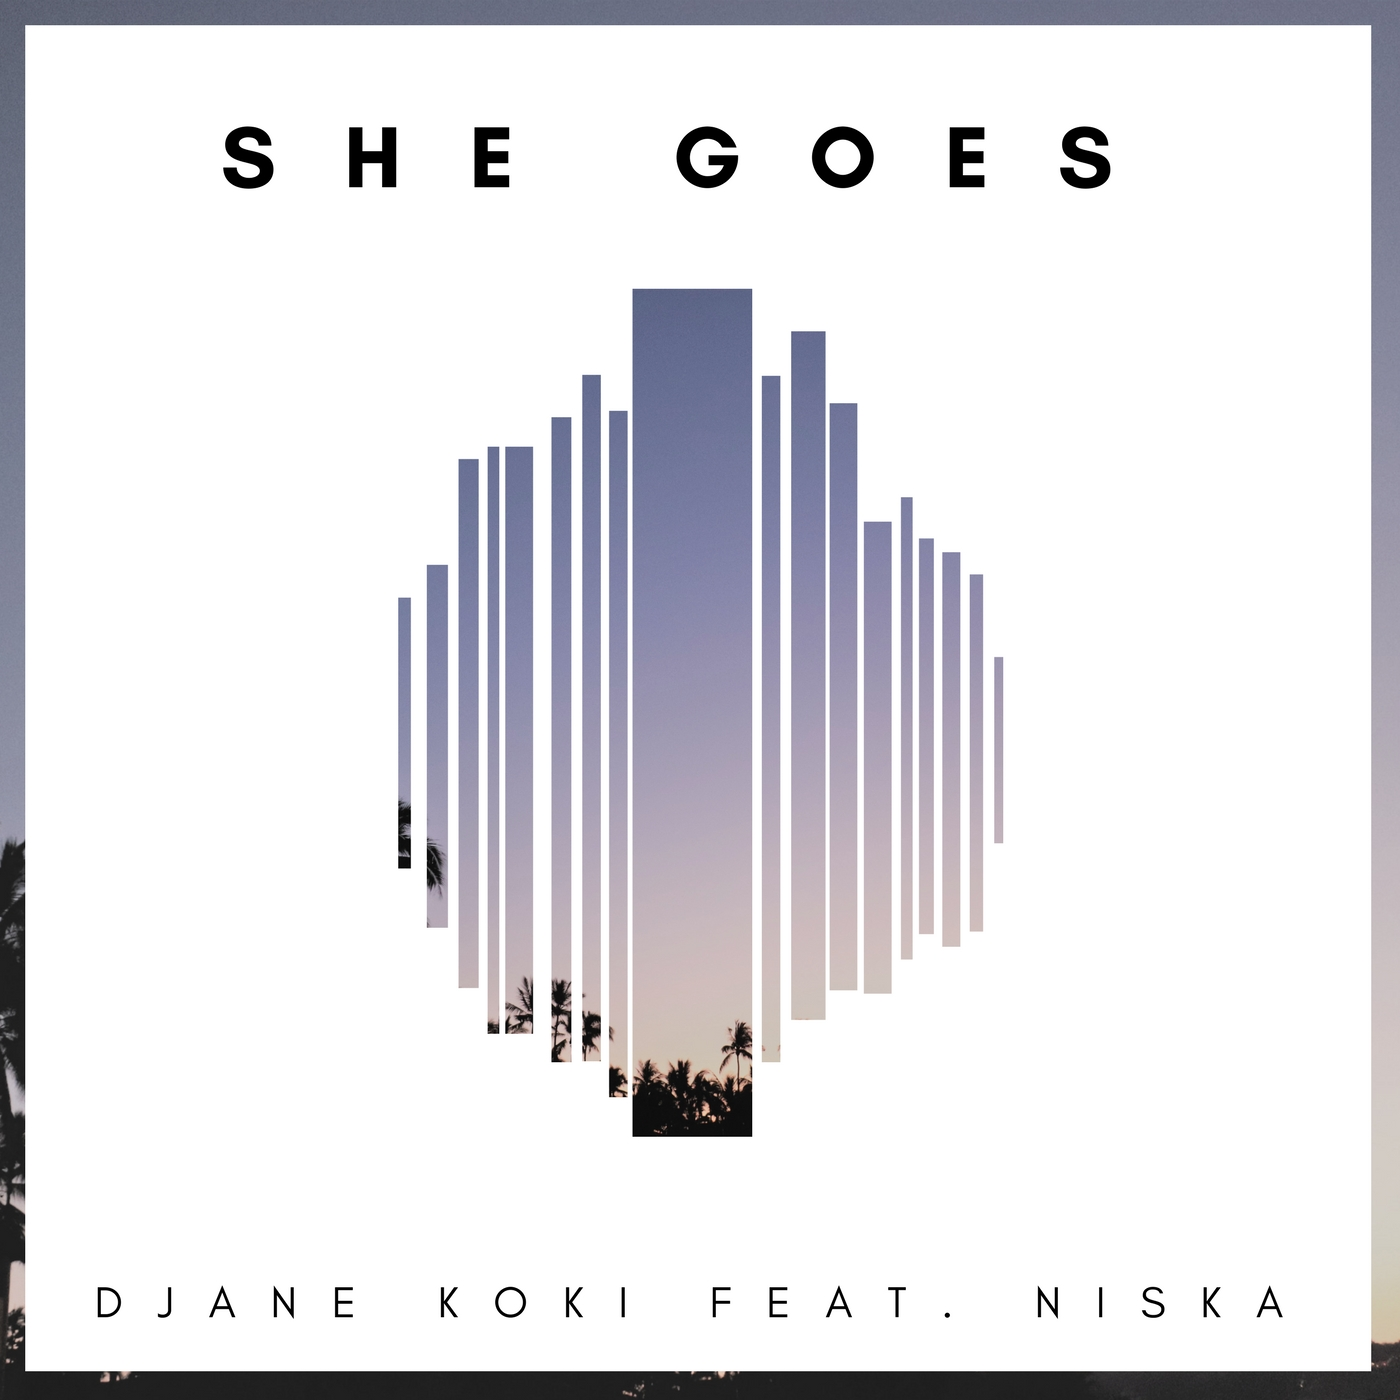 SHE GOES